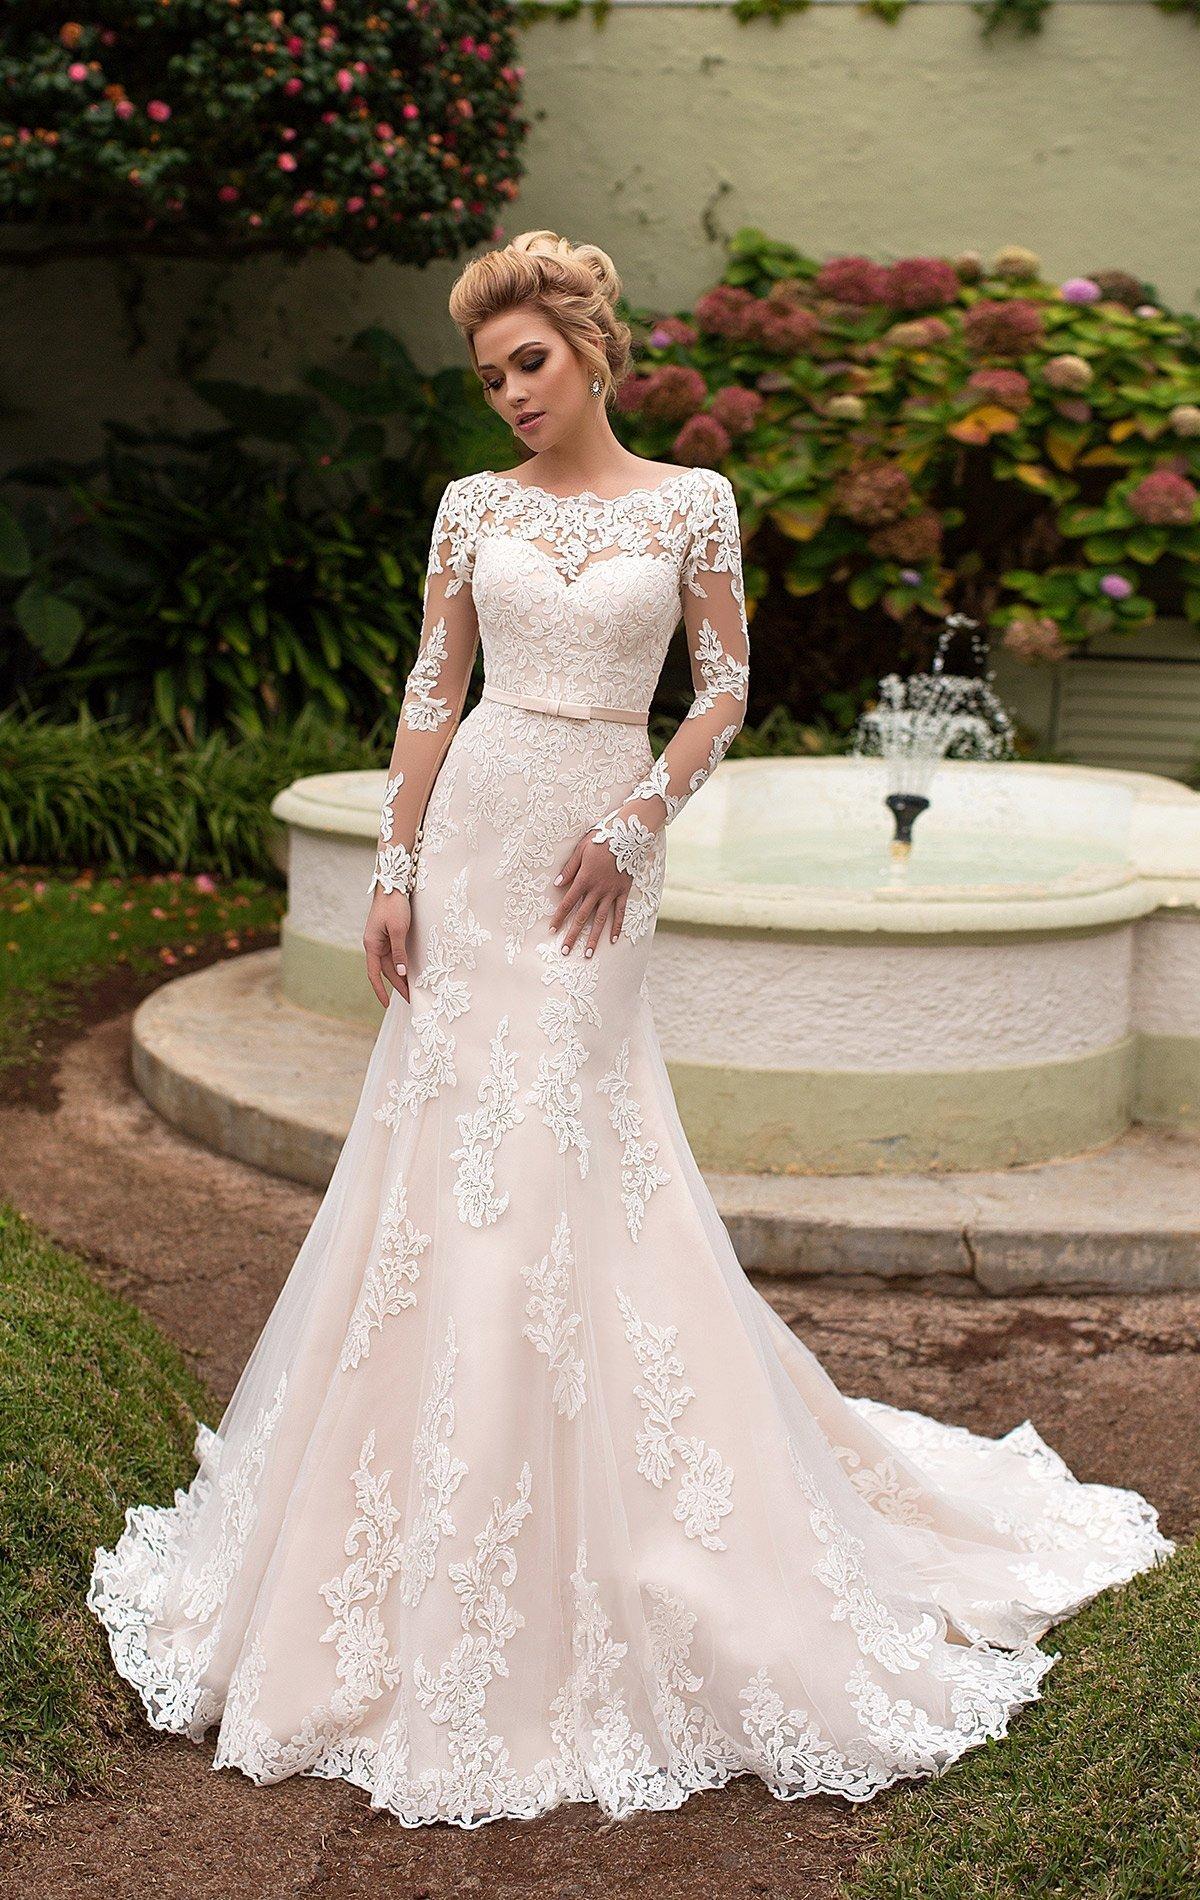 340a267c27f Кремовое свадебное платье «русалка» с длинным фактурным рукавом и вырезом  под горло.